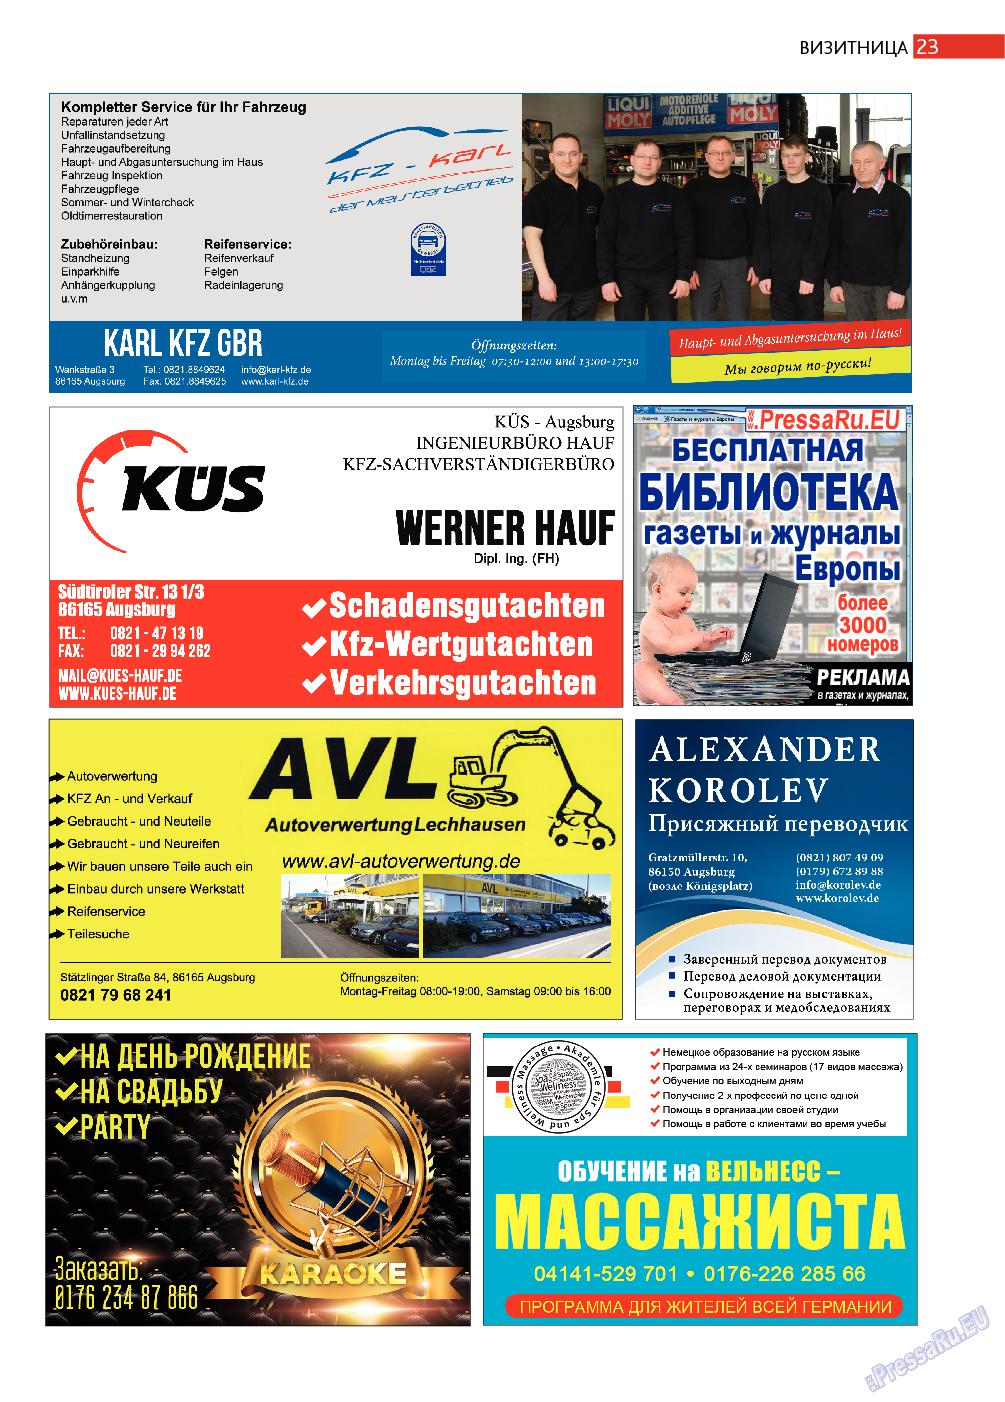 Афиша Augsburg (журнал). 2018 год, номер 3, стр. 23